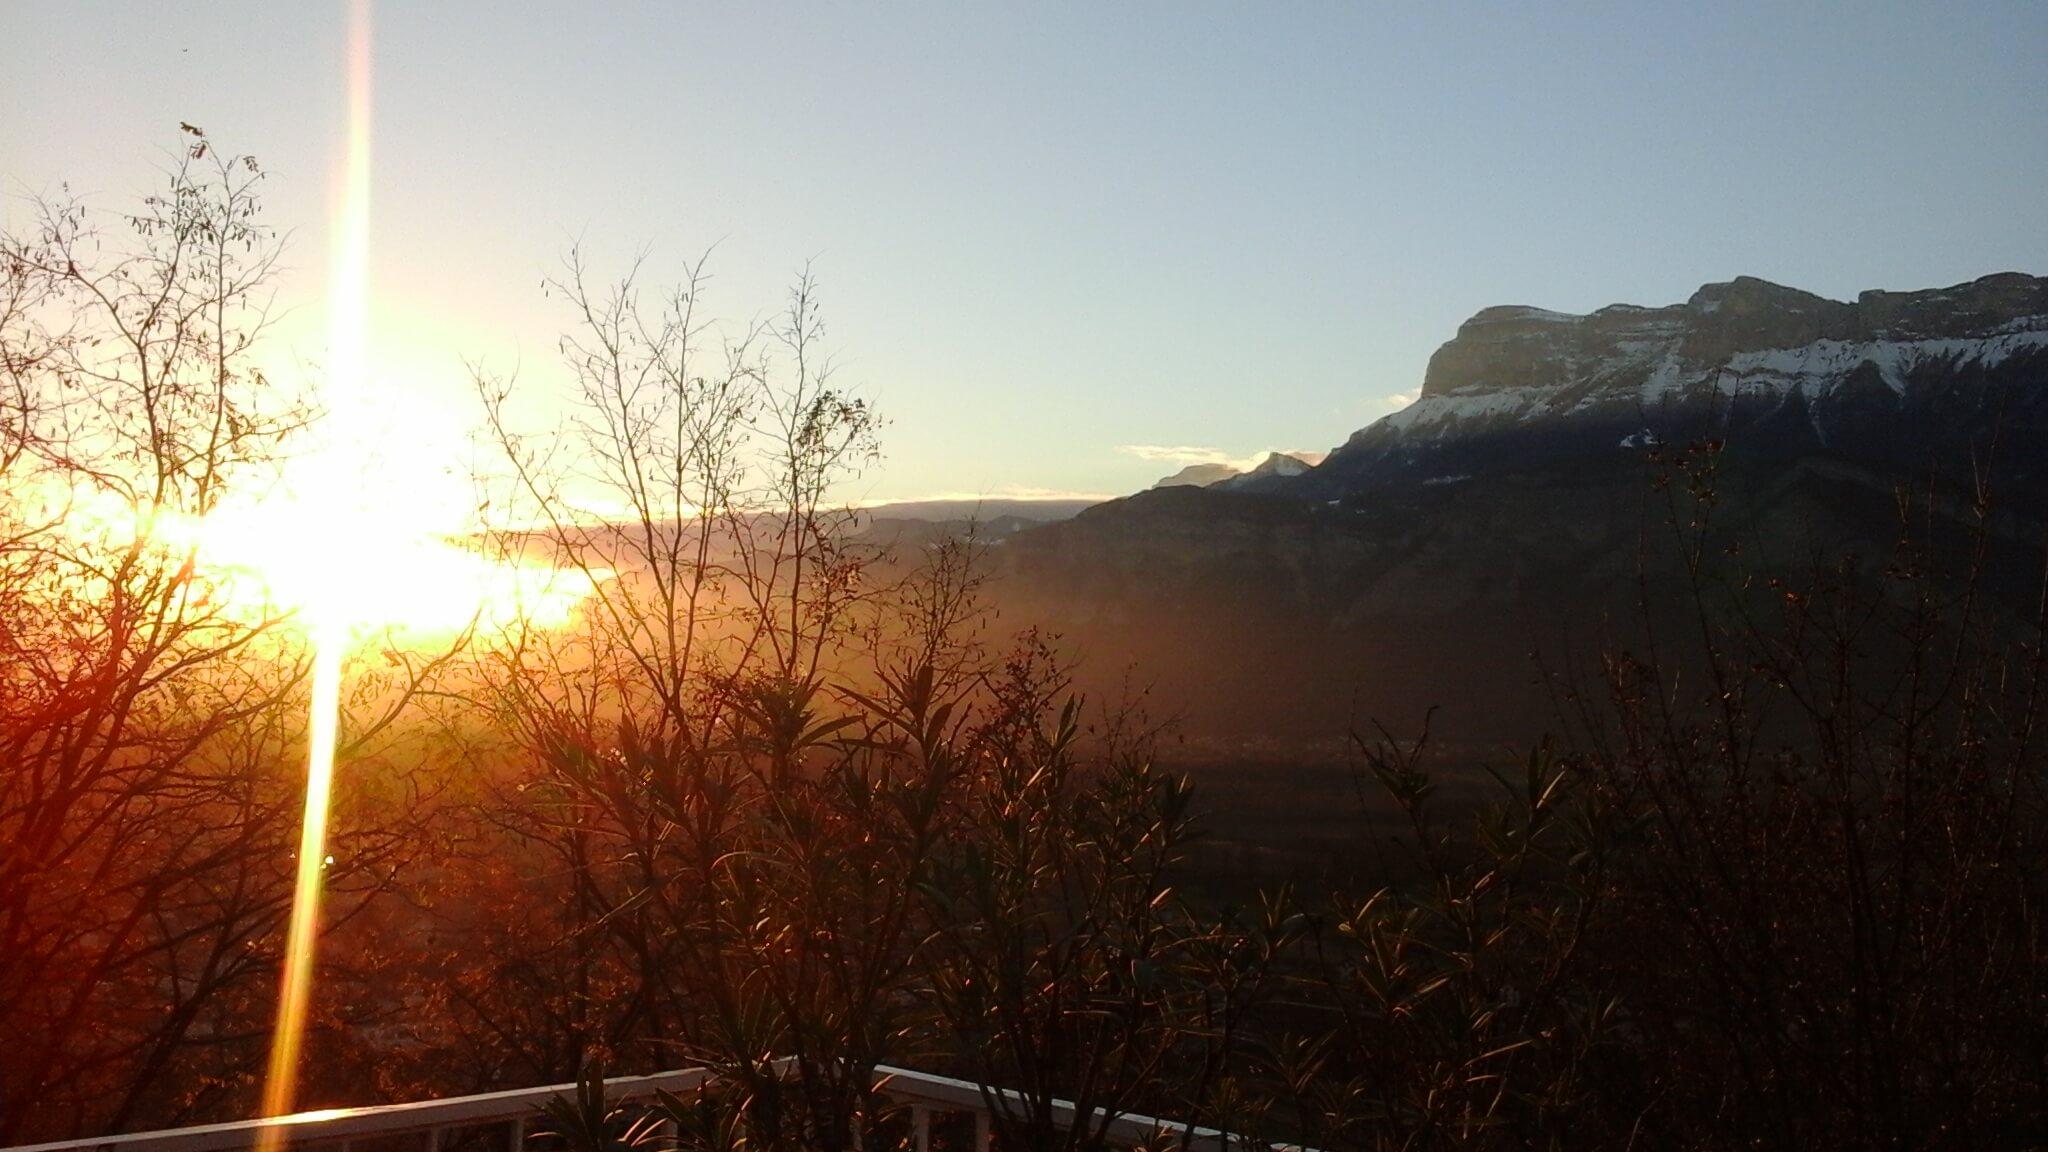 Panoramique sur la charteuse au soleil couchant, vu du restaurant.